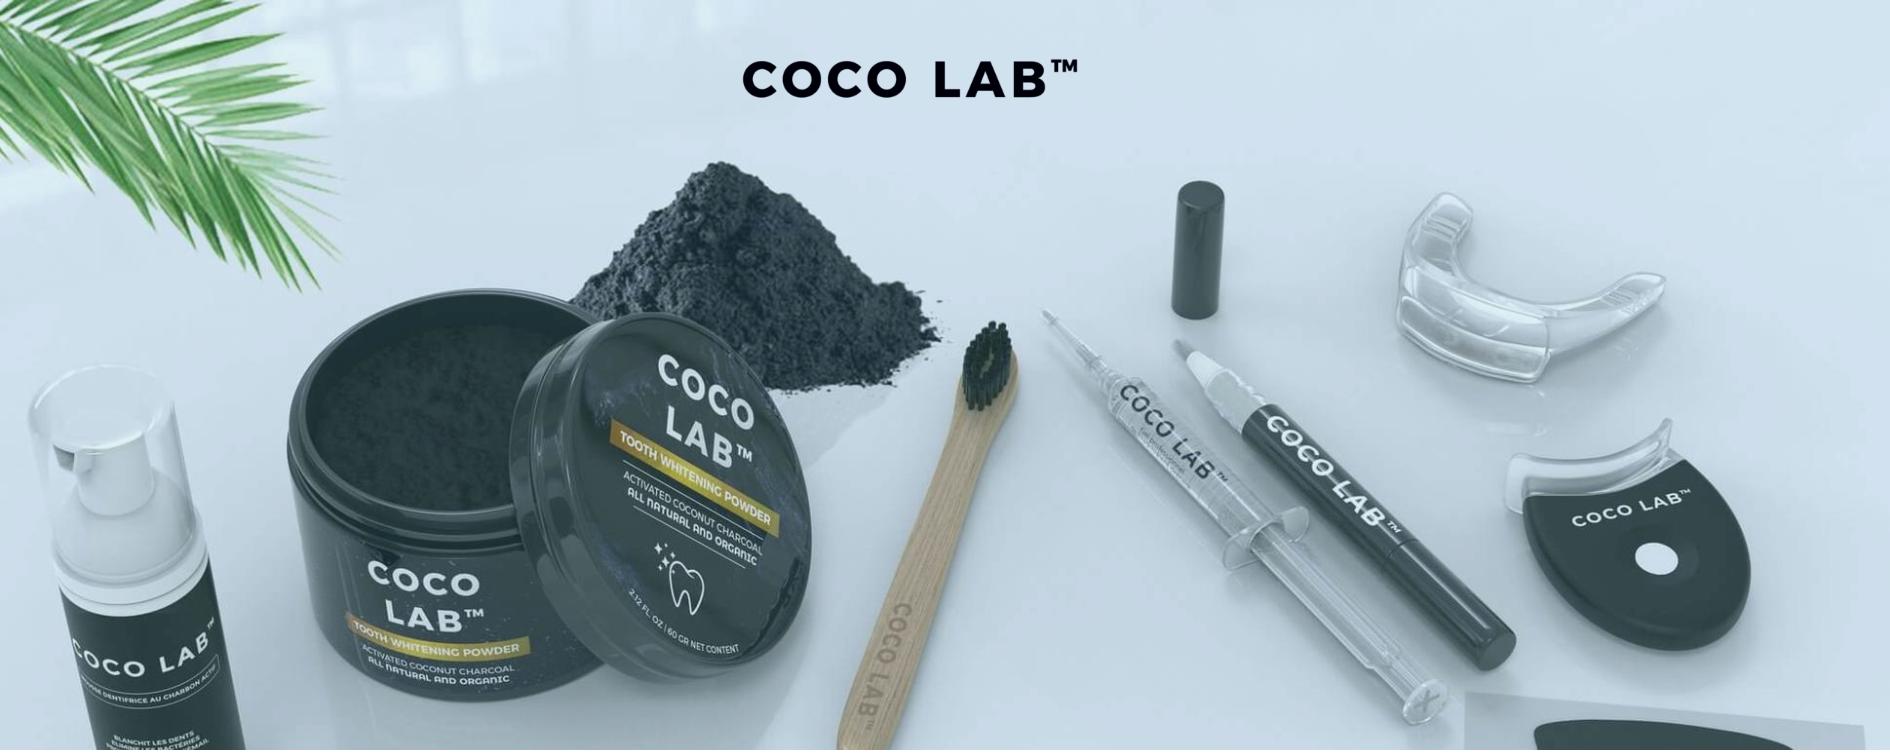 Avis Coco Lab : notre test complet sur ce kit de blanchiment dentaire